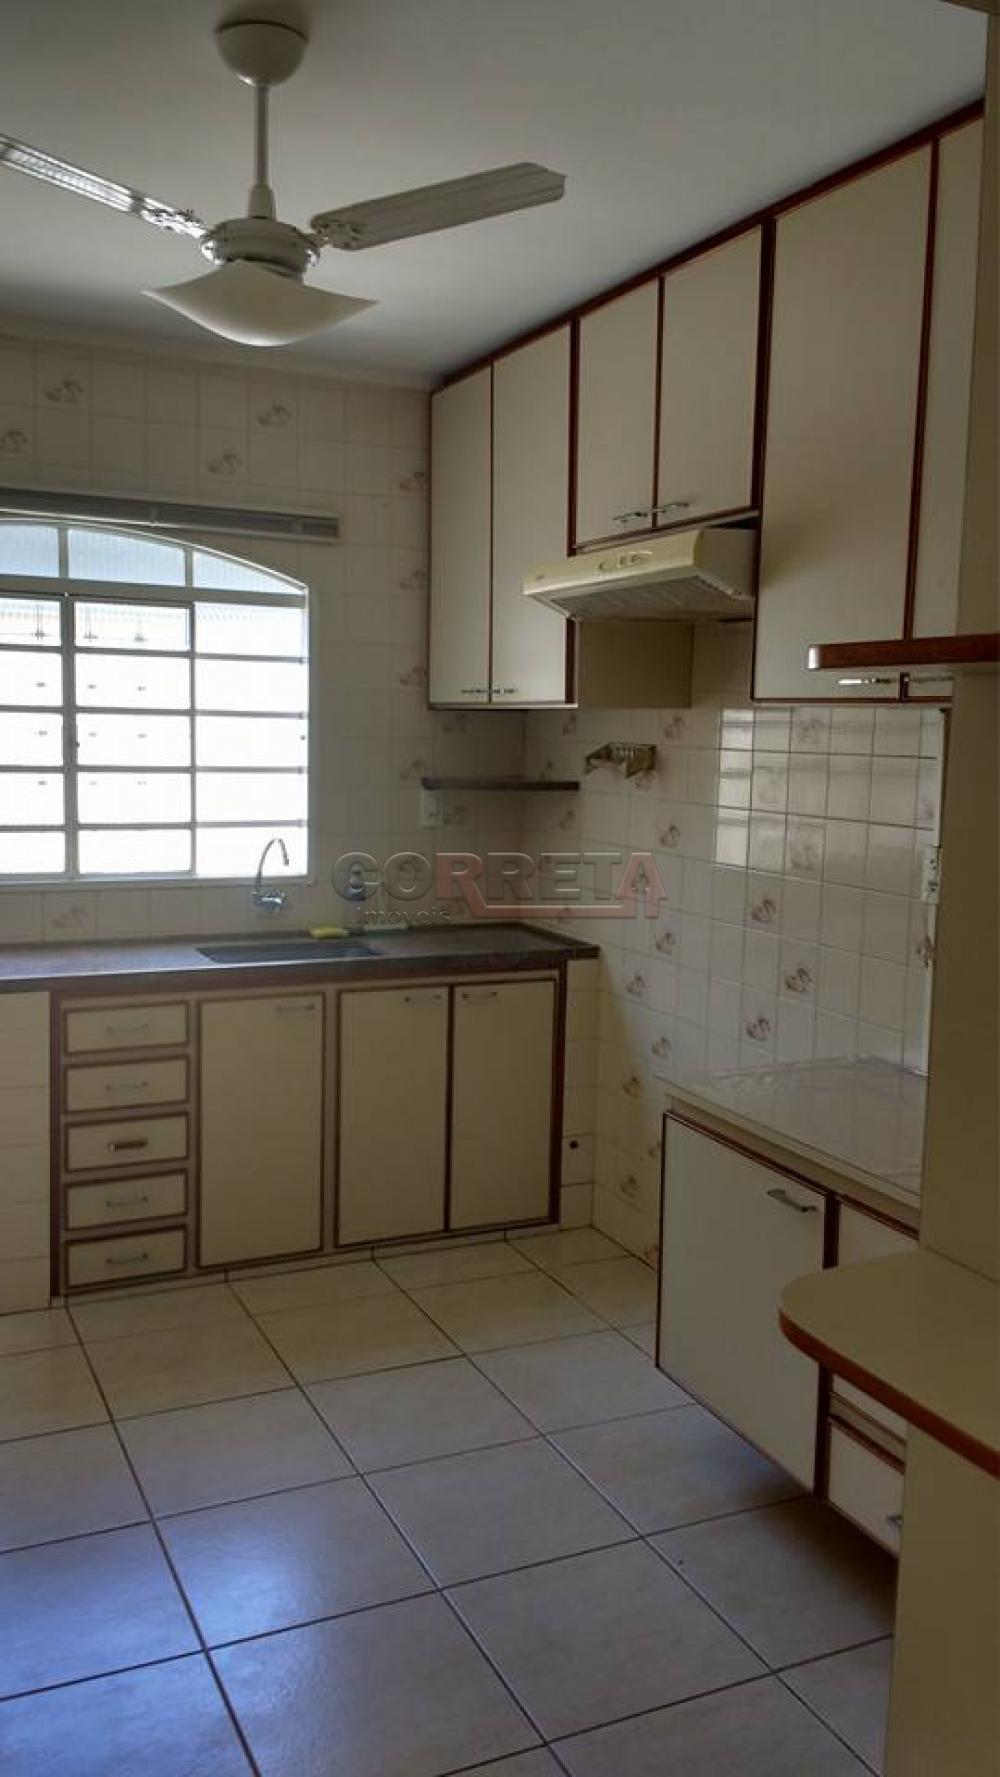 Comprar Casa / Residencial em Araçatuba R$ 270.000,00 - Foto 7